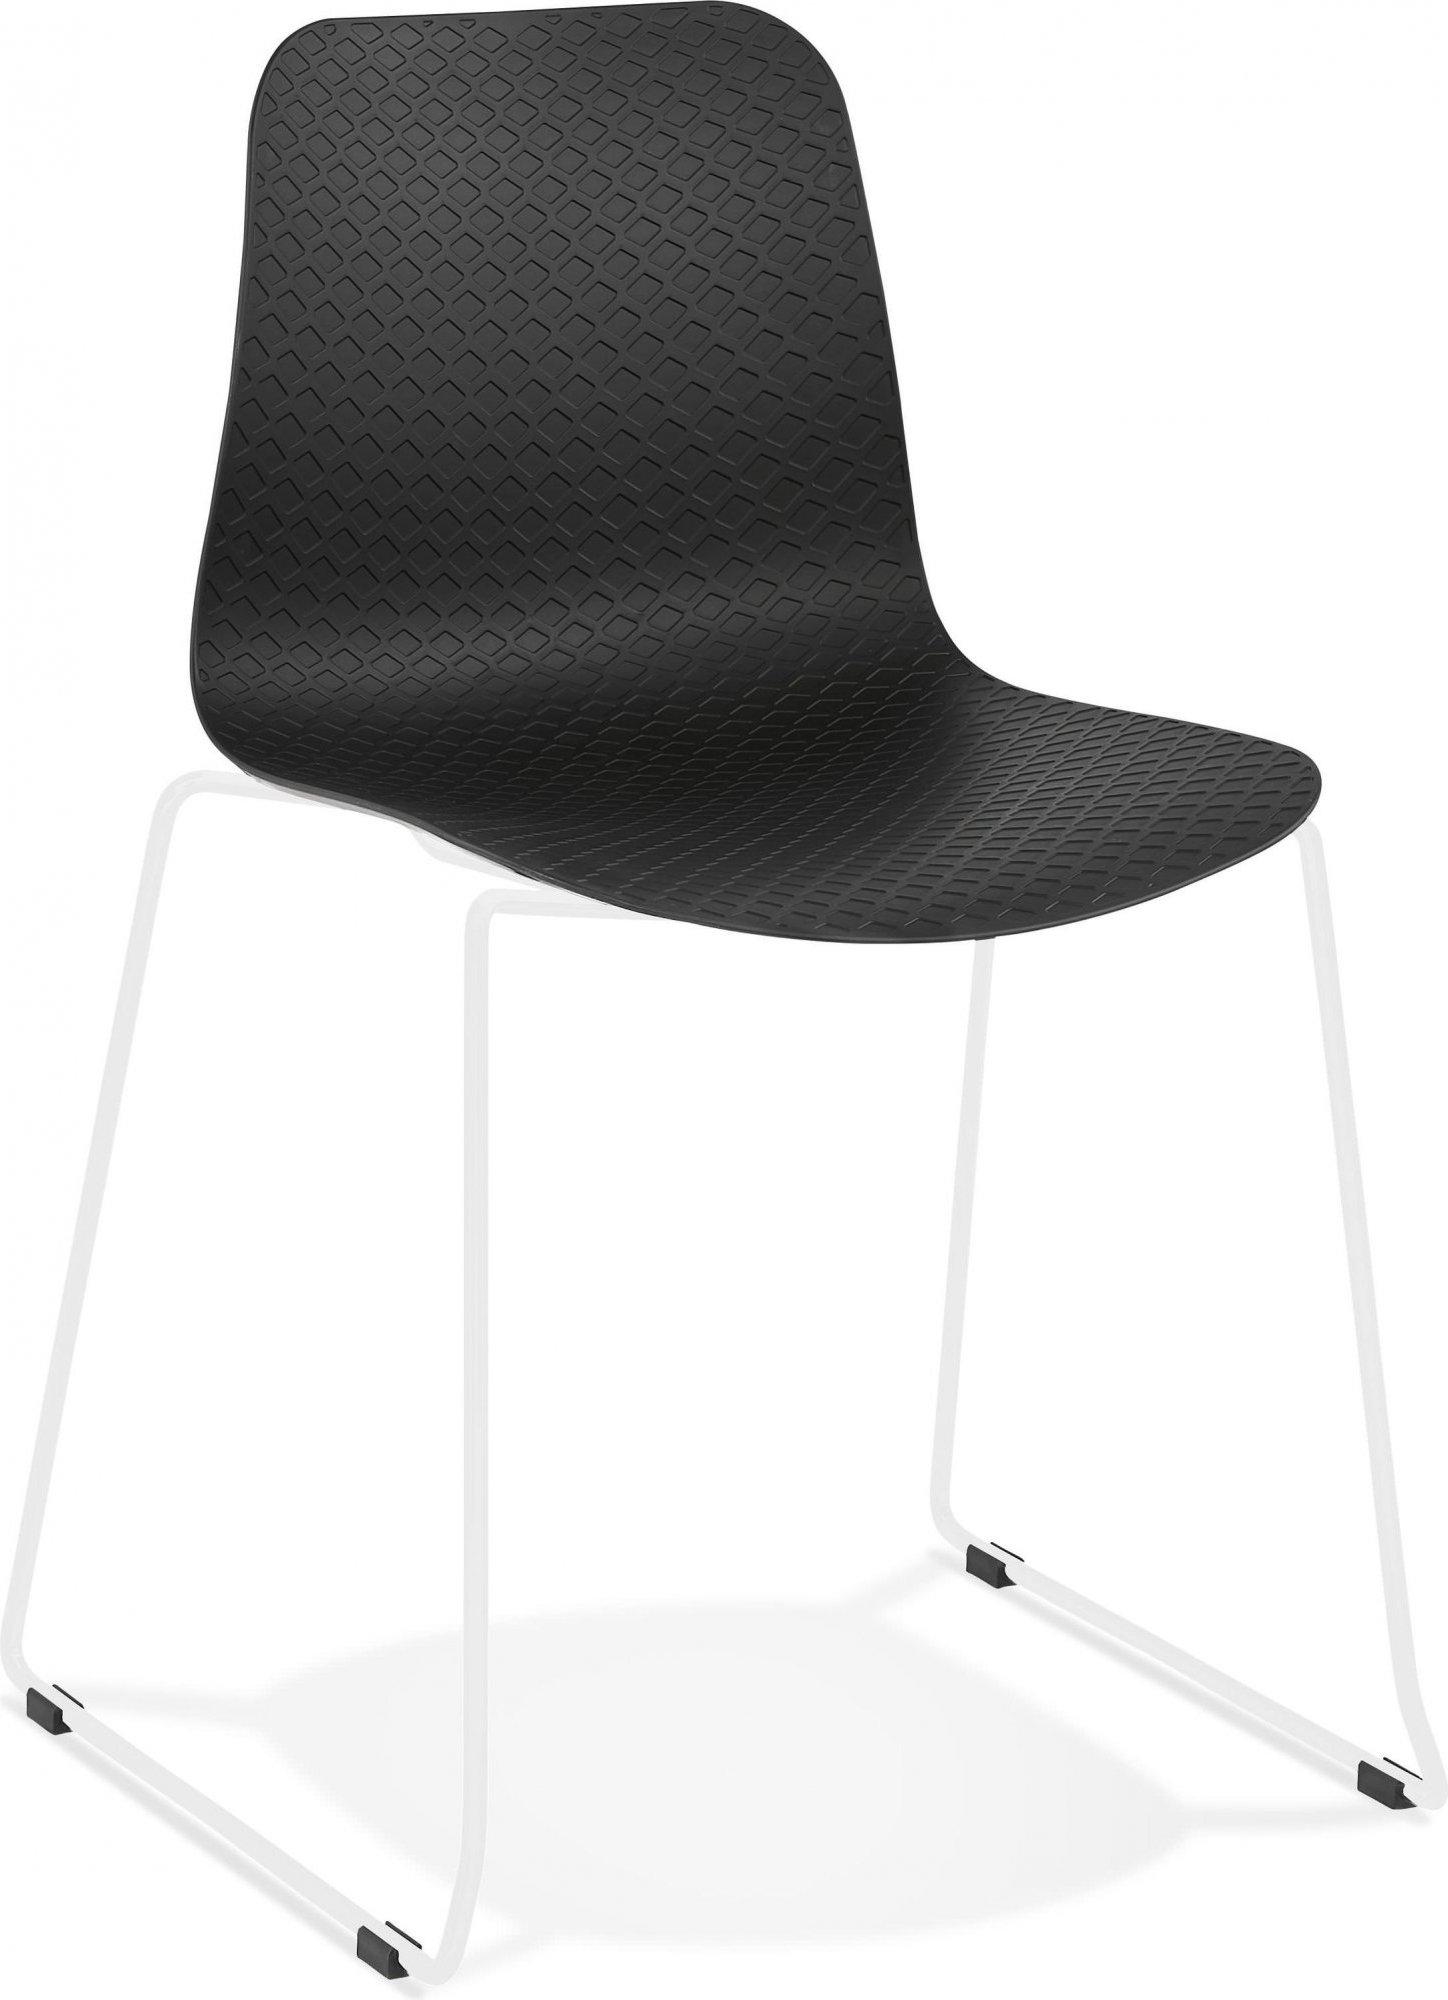 Chaise de table design assise couleur noir pieds blanc